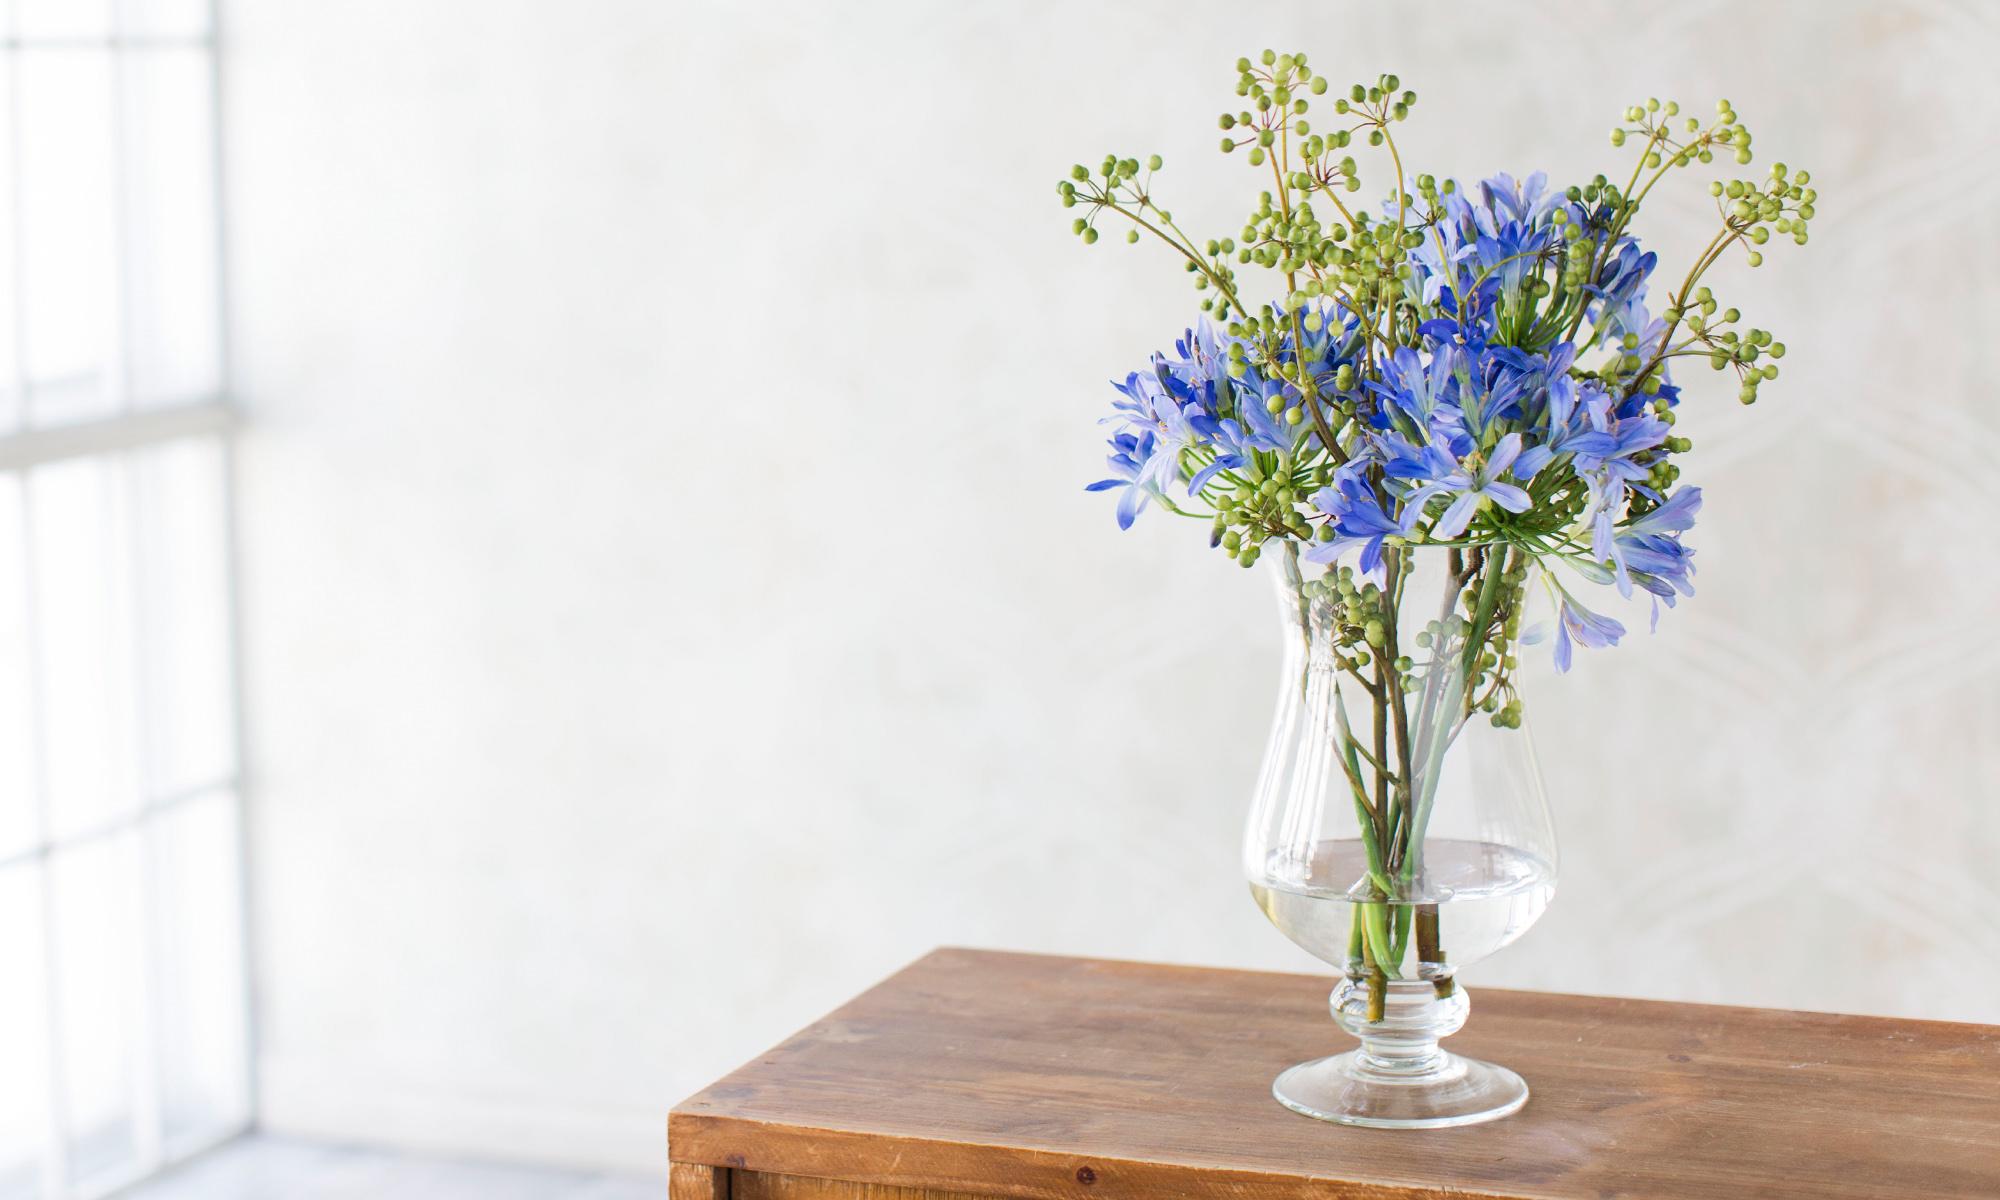 Купить Композиция из искусственных цветов - голубой агапантус с зелеными ягодами, inmyroom, Россия